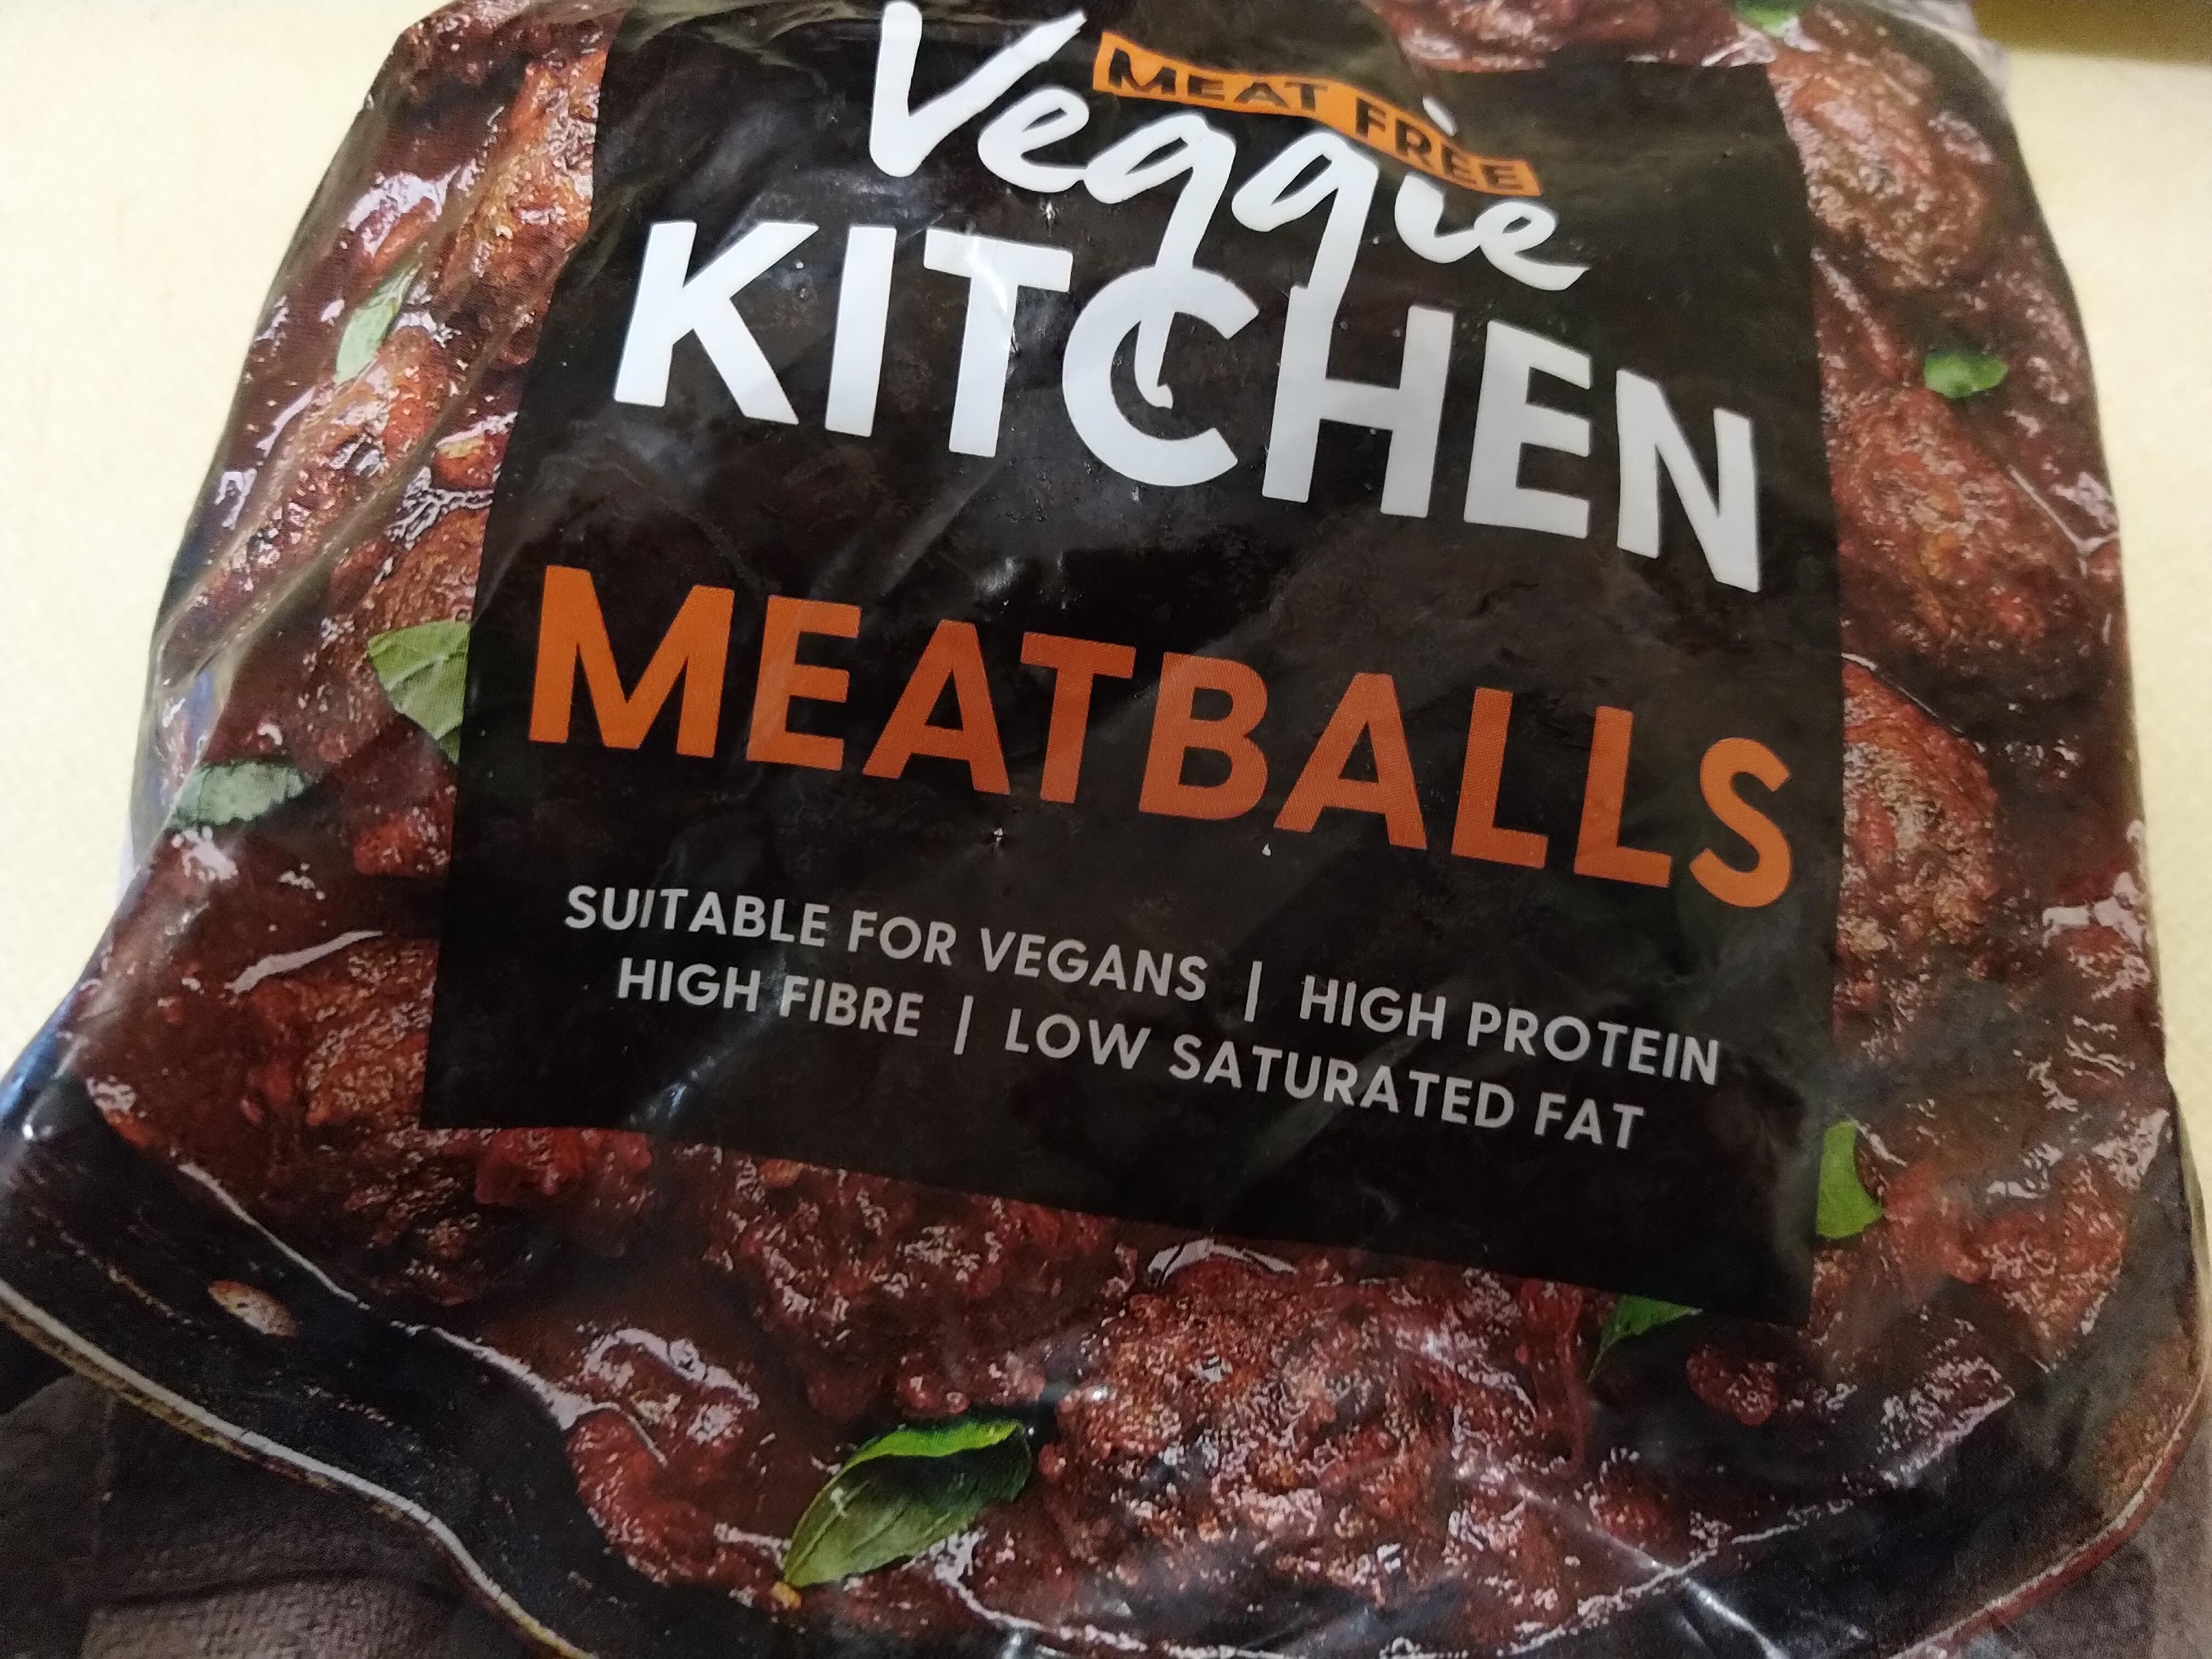 Iceland vegan Meatballs packaging